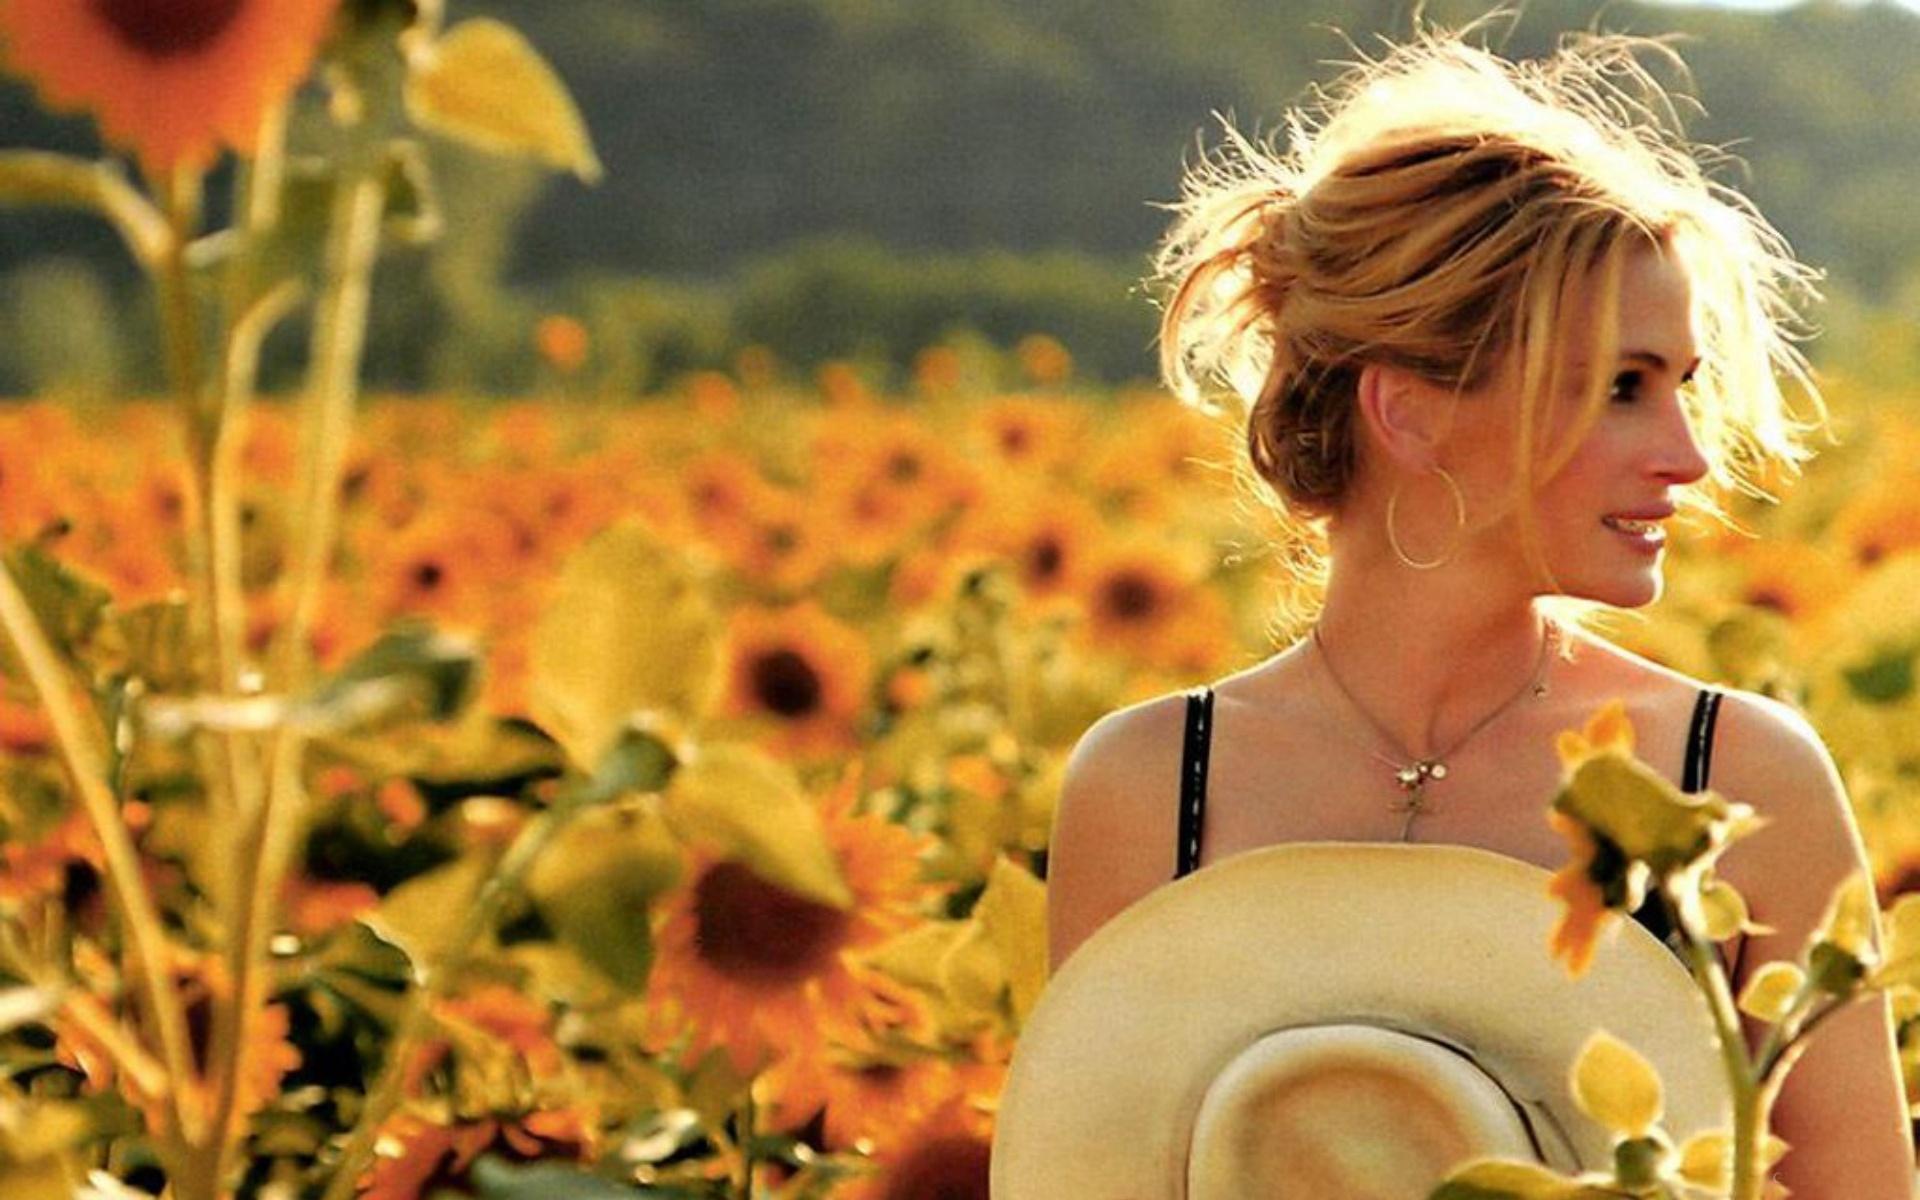 Julia-Roberts-In-Sun-Flowers-Field-Wallpapers-HD.jpeg